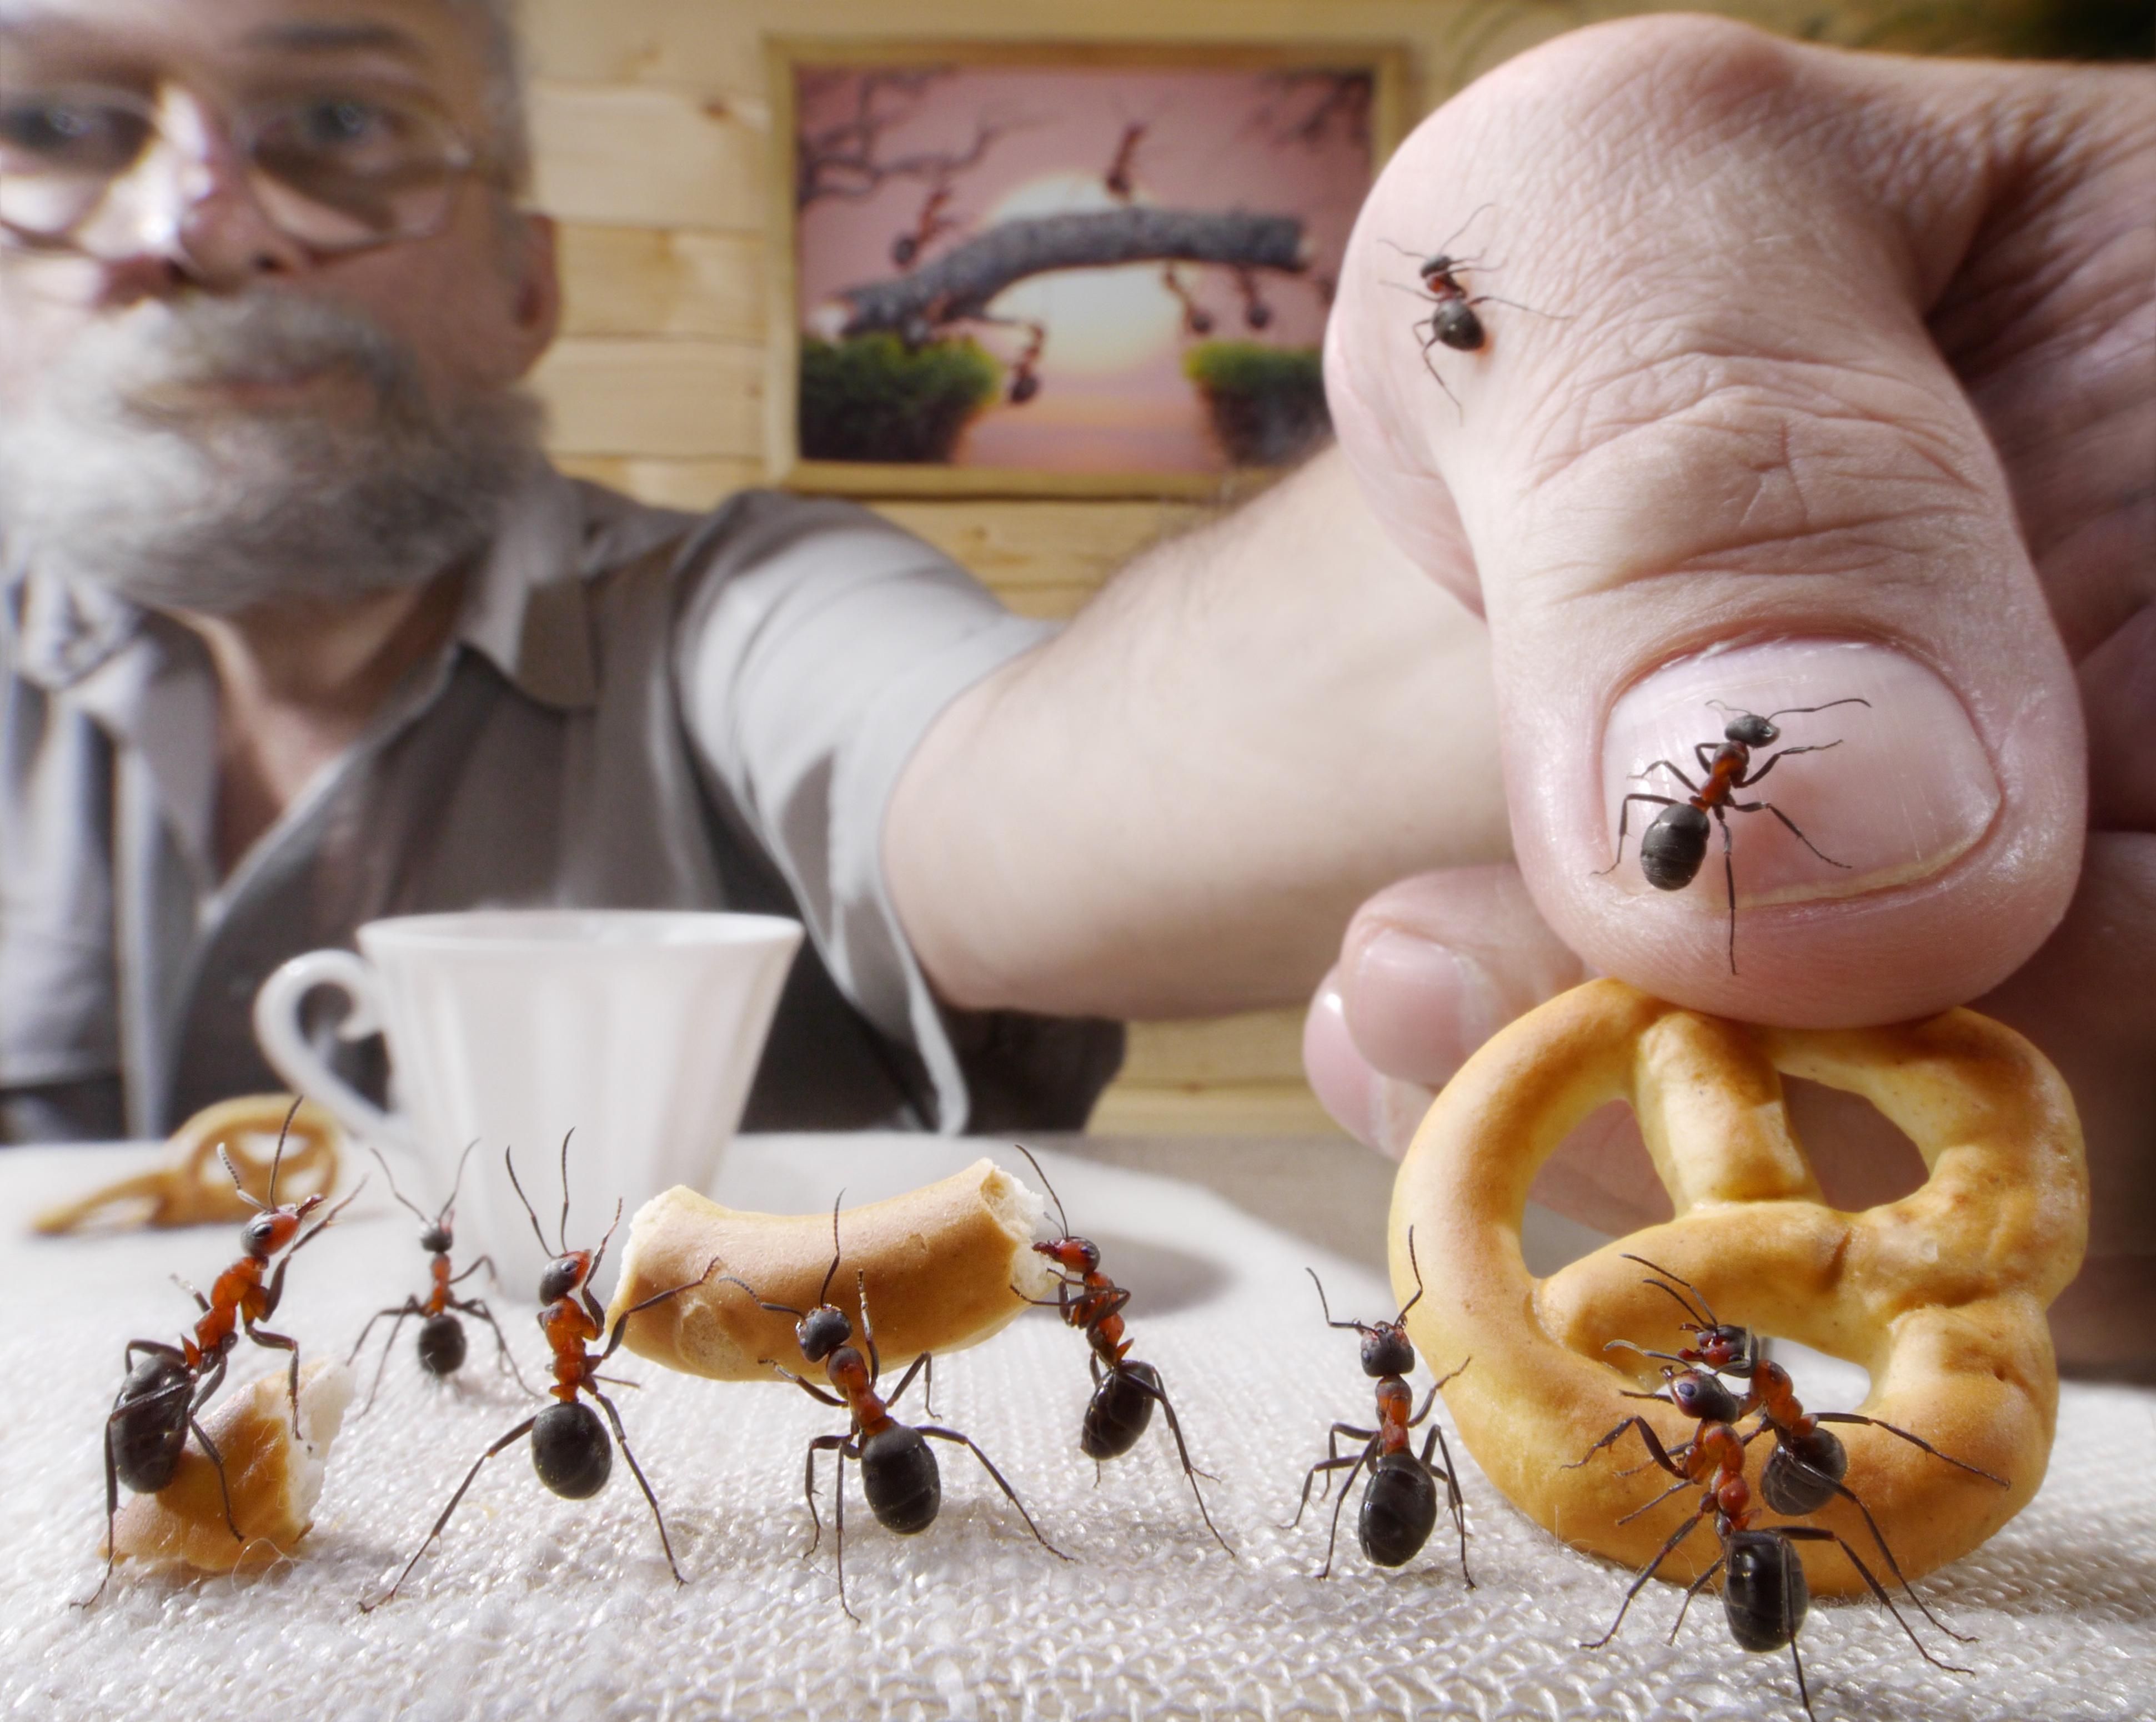 Какие растения боятся муравьи - самые эффективные травы, пряности для отпугивания насекомых